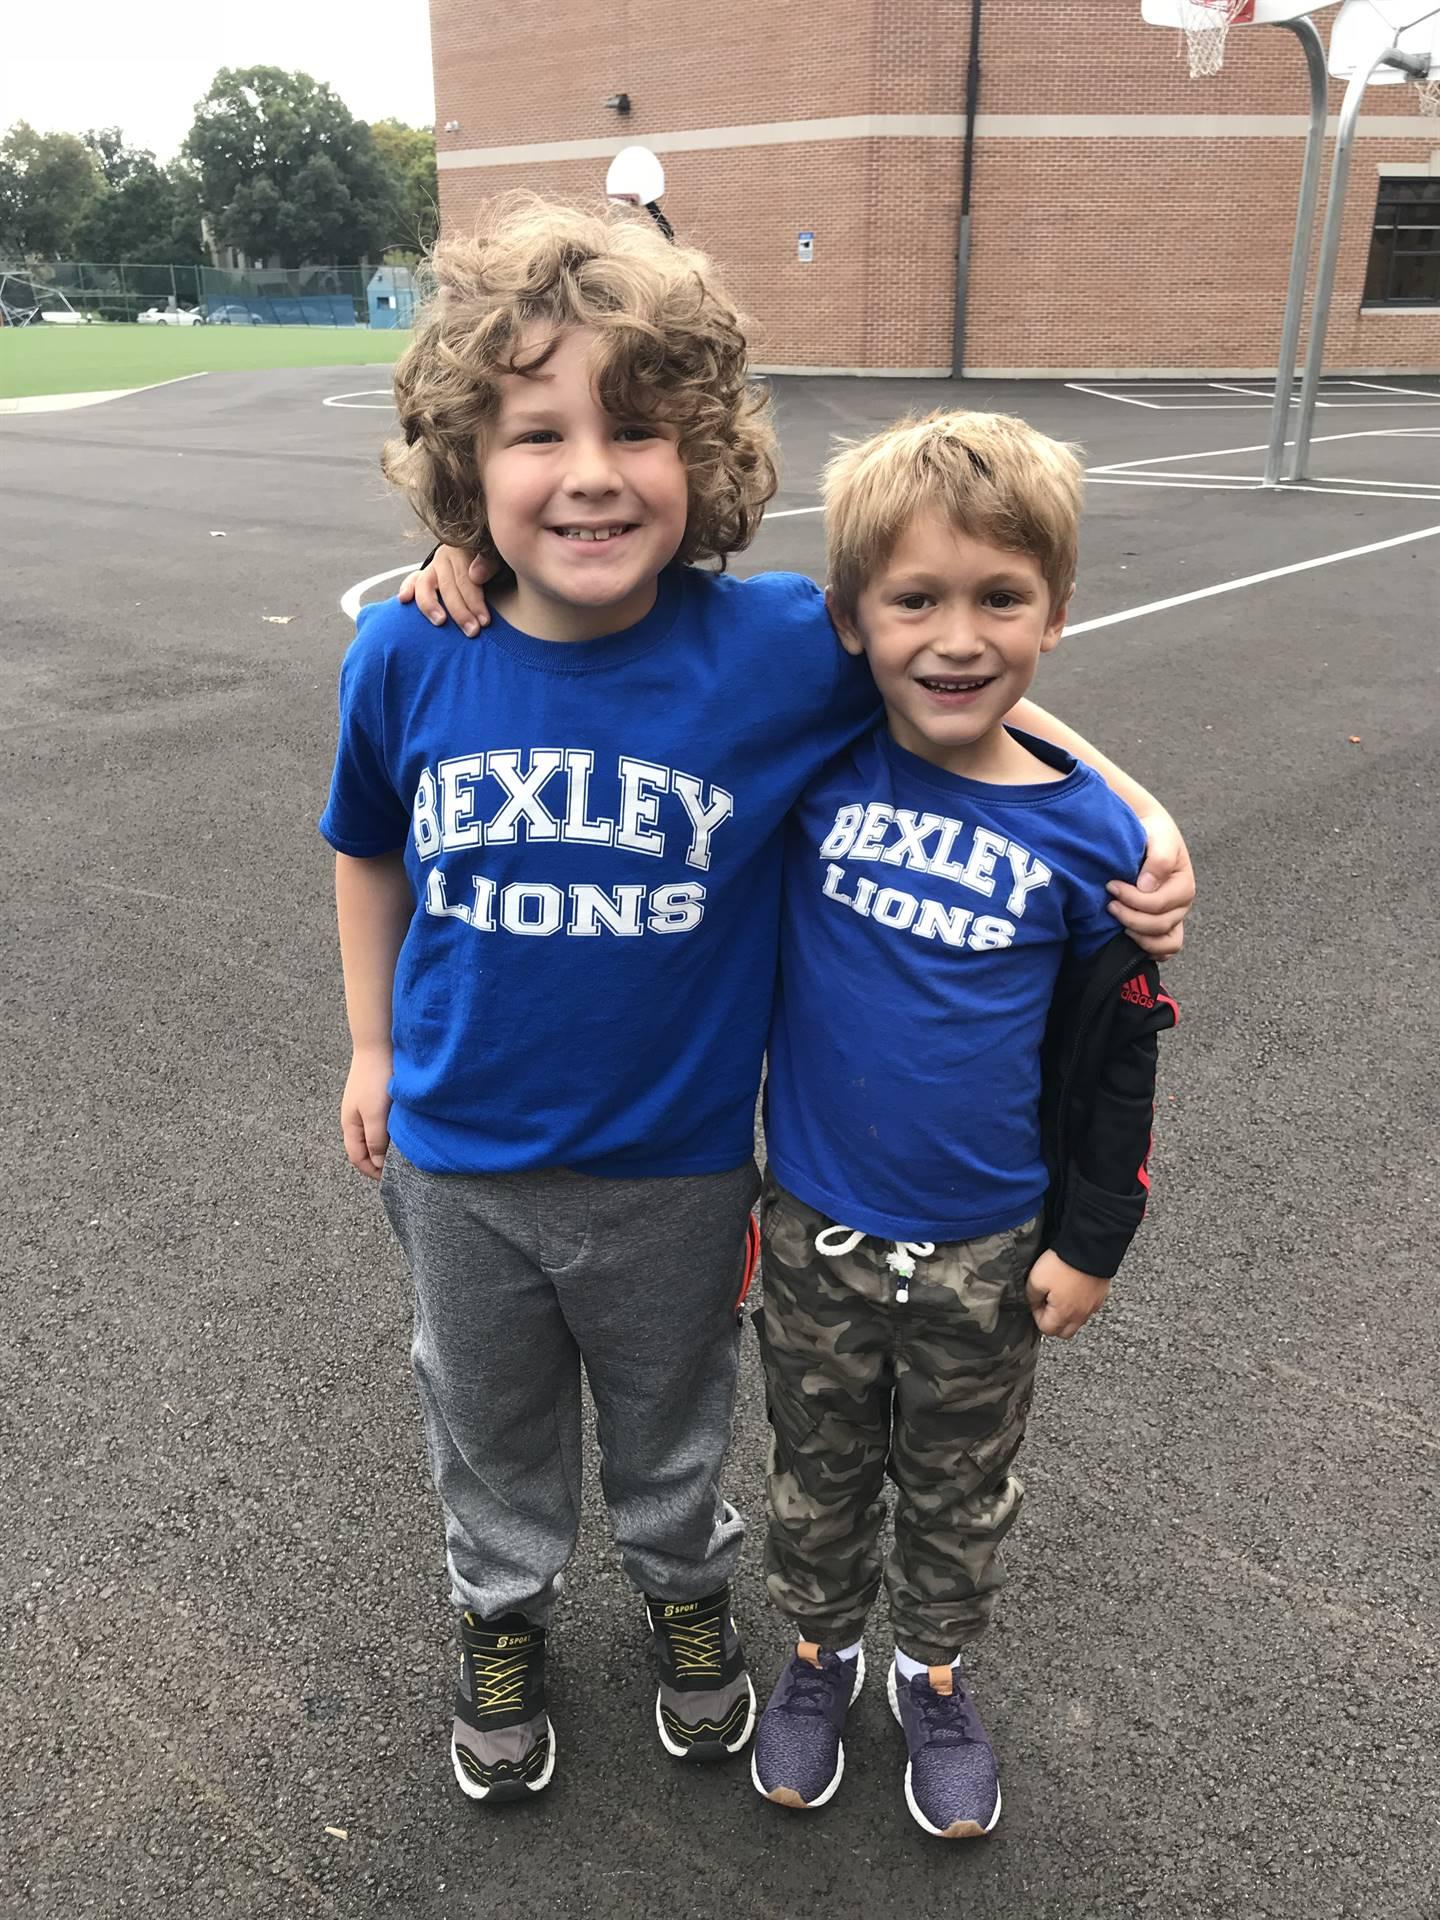 Go Bexley Lions!